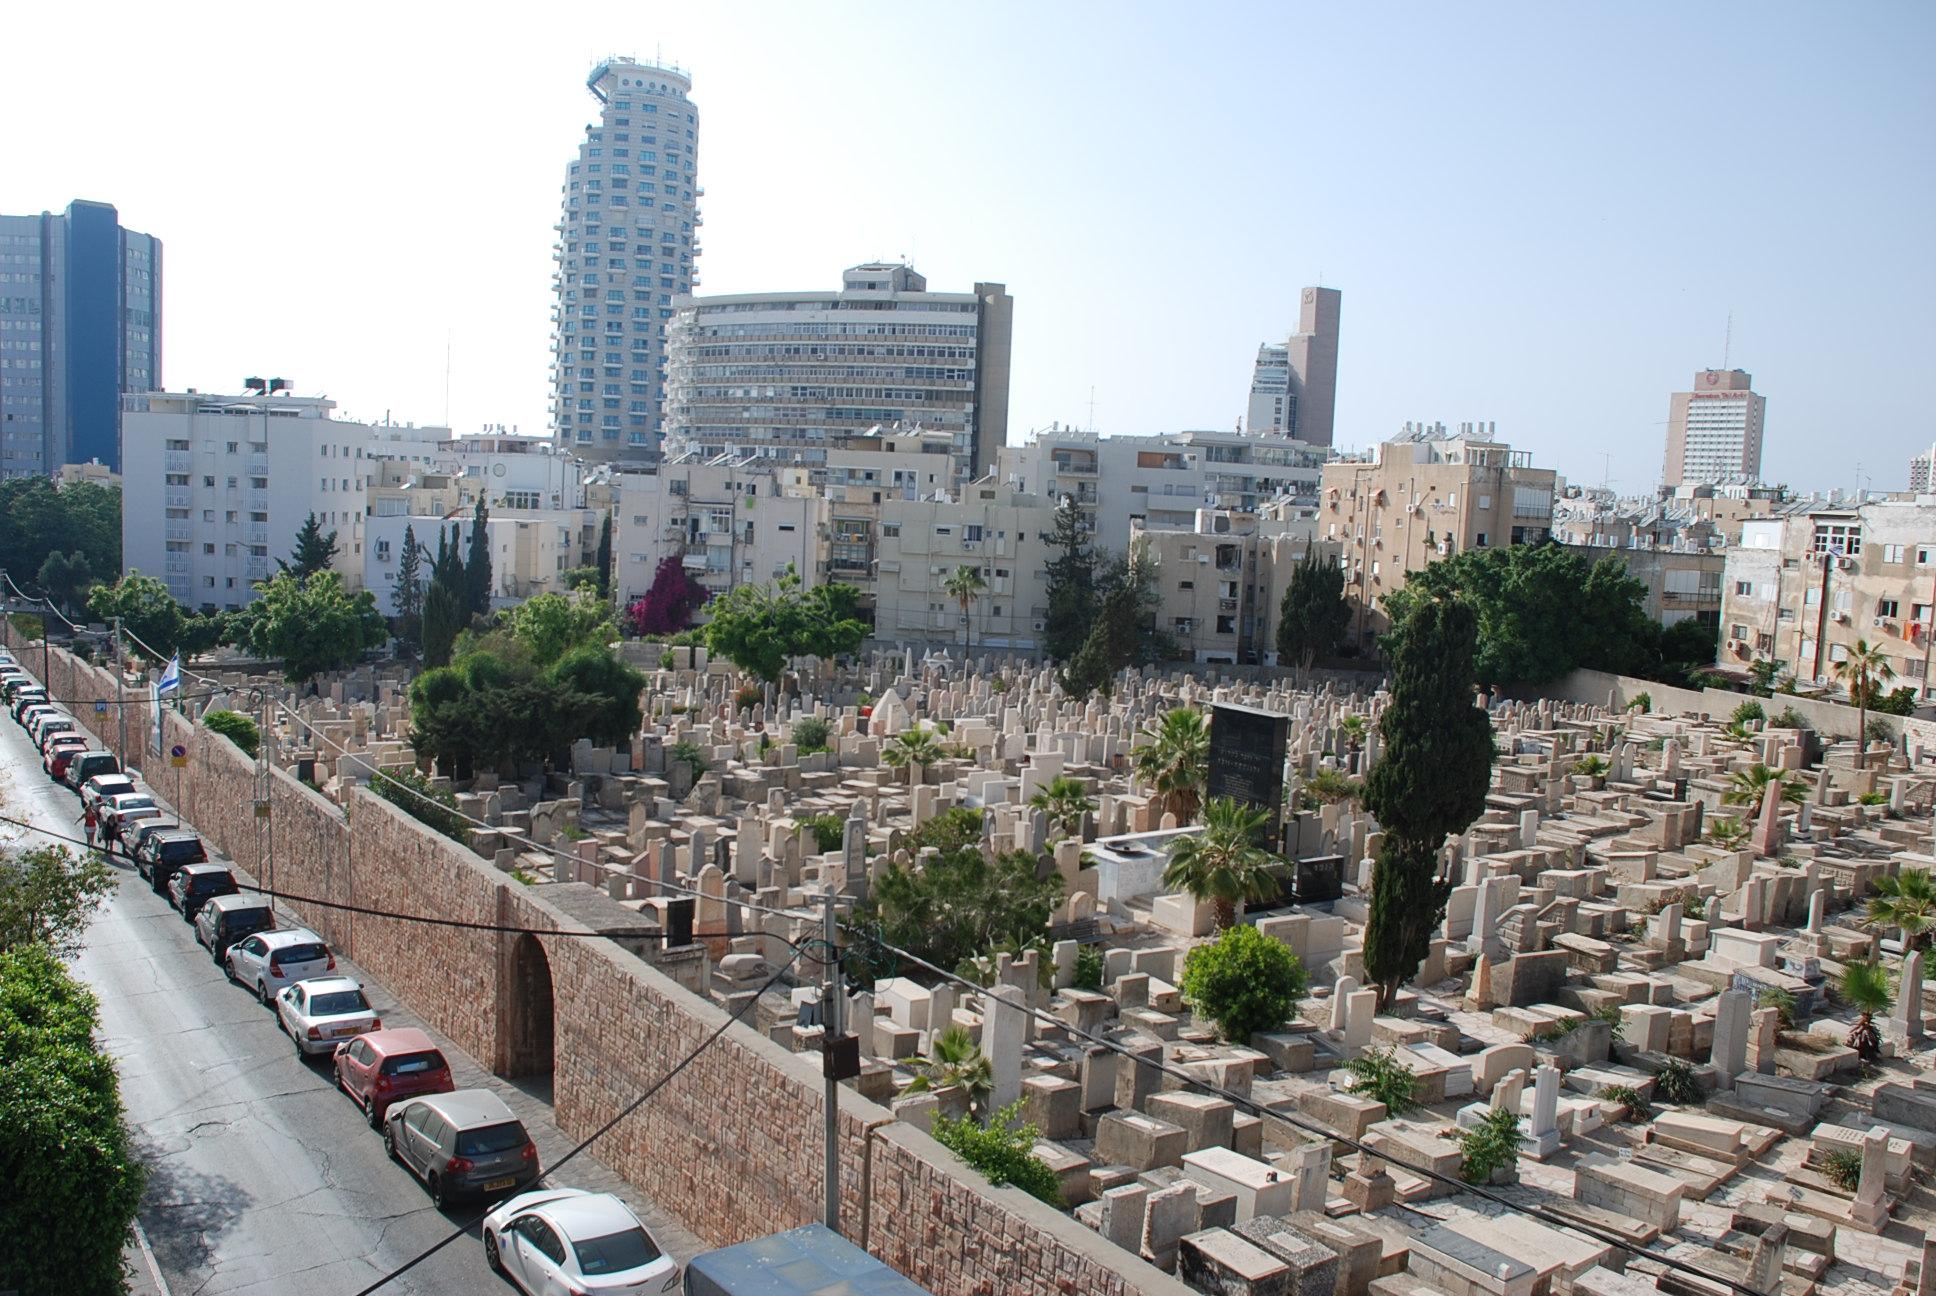 בית הקברות ממרפסת אחד הבתים ברחוב